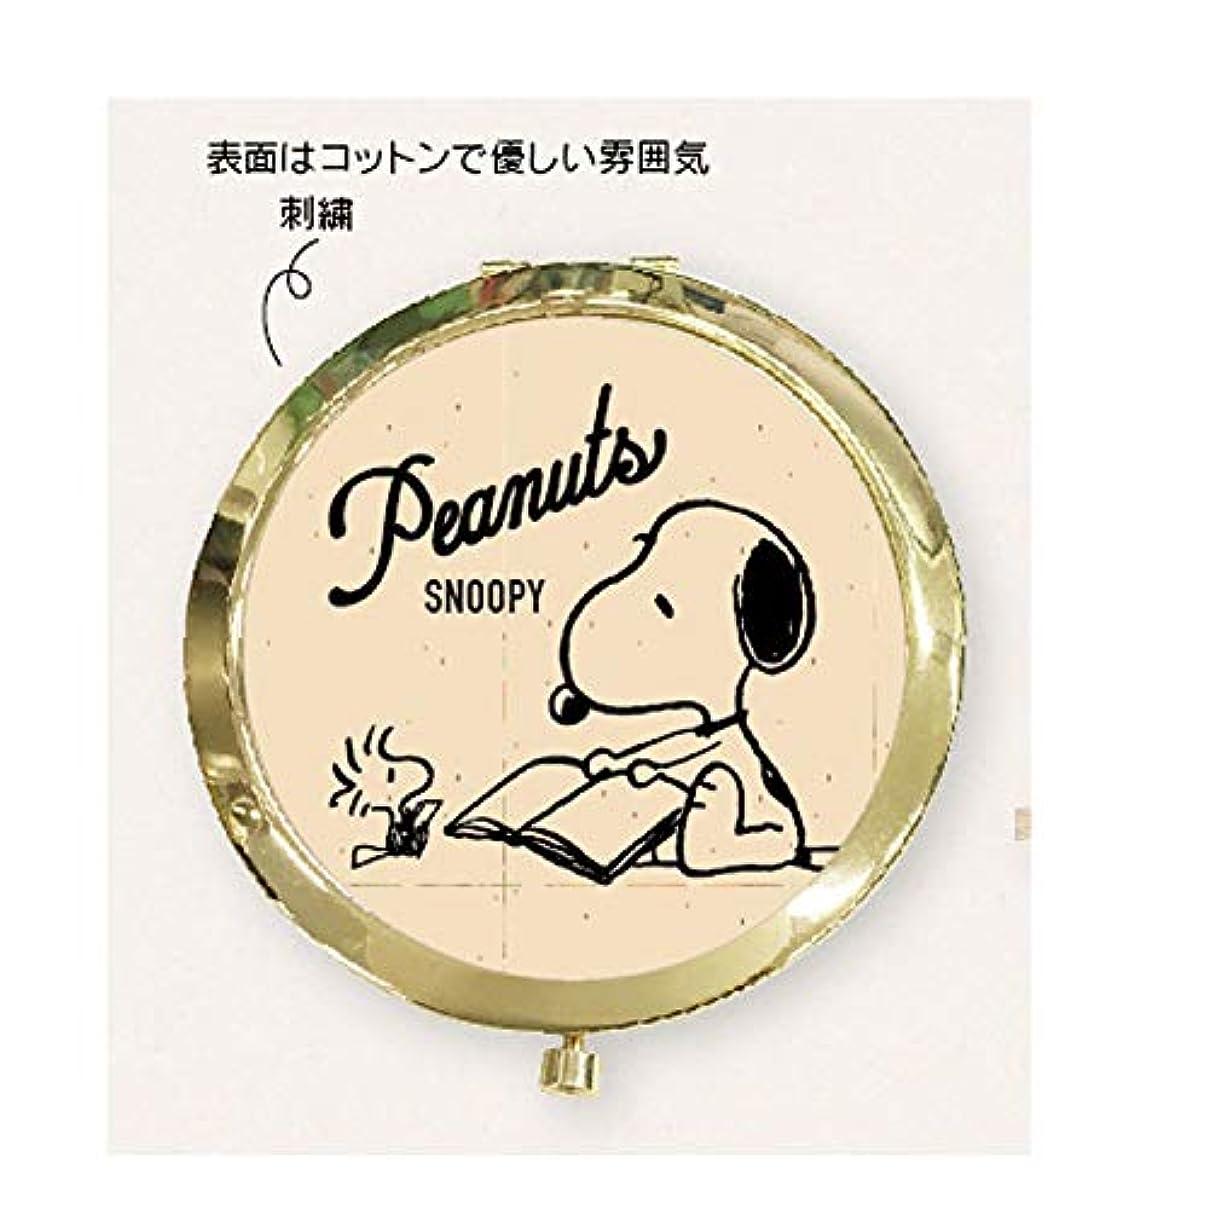 プリーツむちゃくちゃ裁定【スヌーピー】コンパクトミラー(BOOK) BOOK STORE 049046